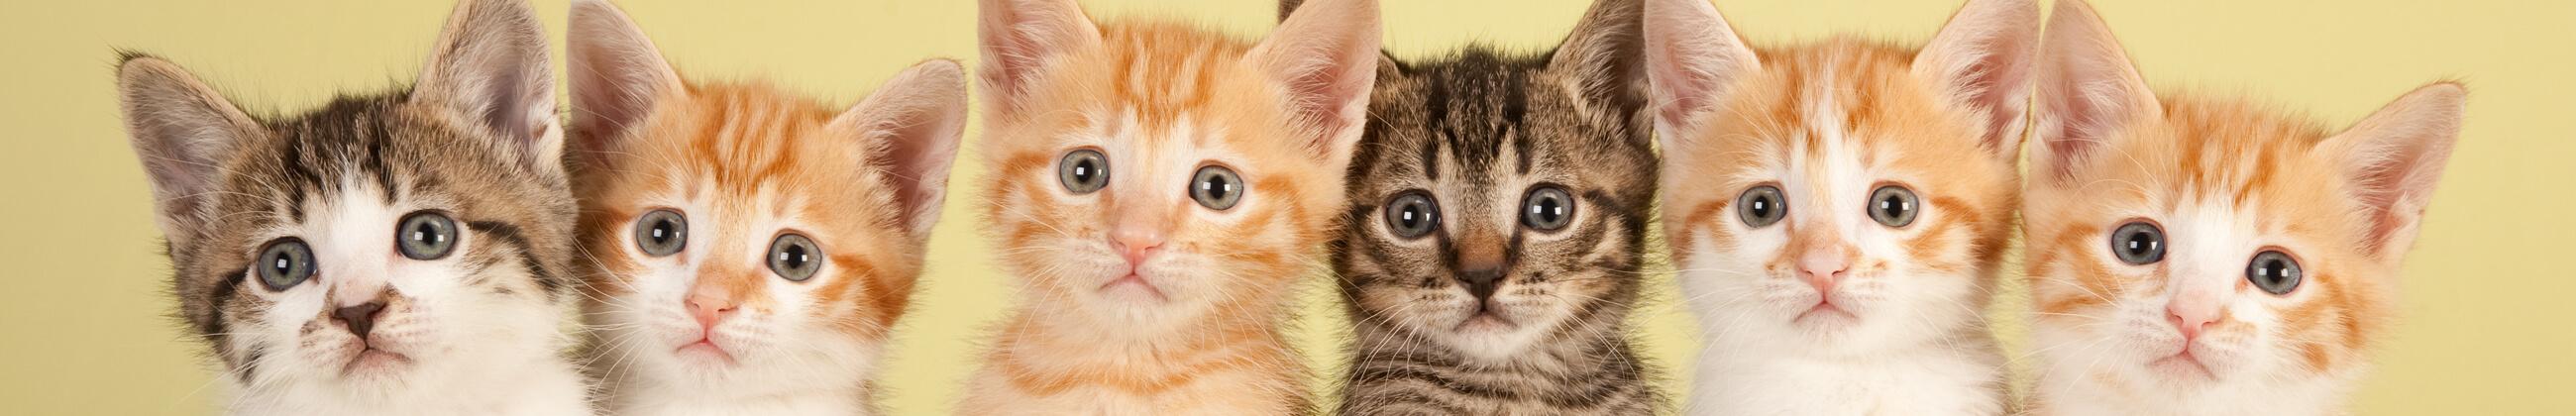 ¿Por qué ronronean los gatos?